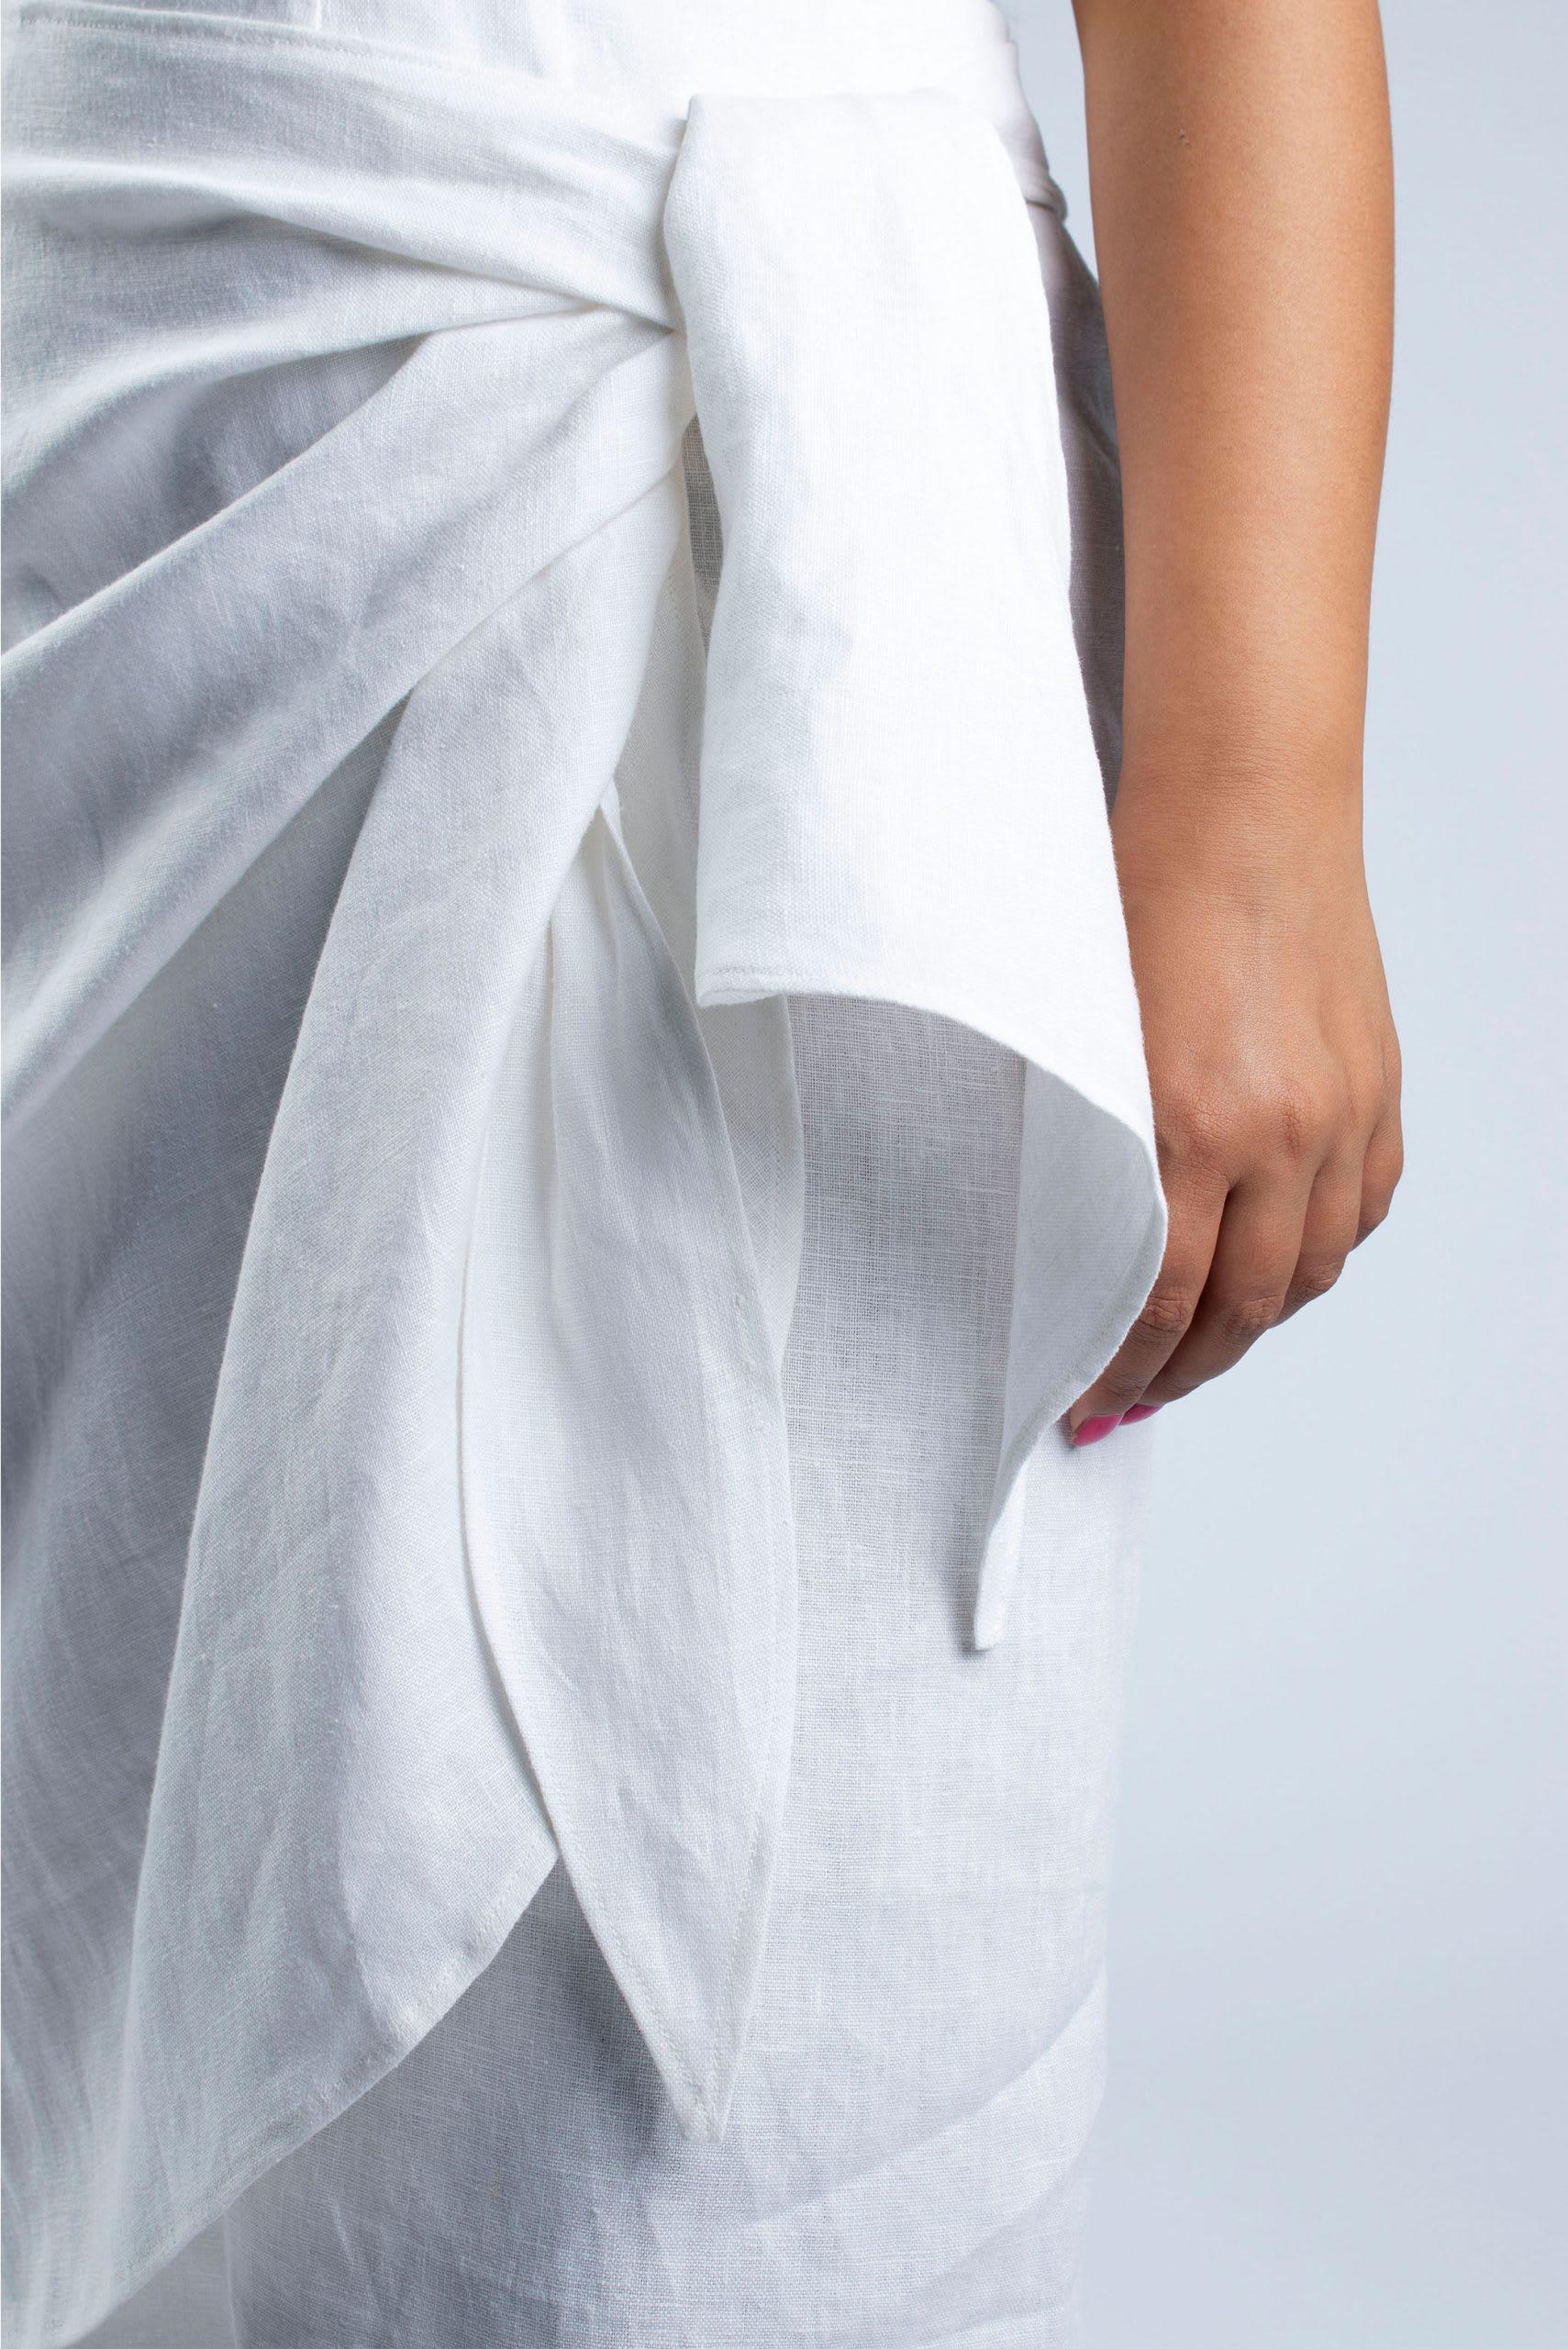 Lydia S-M linen skirt detail